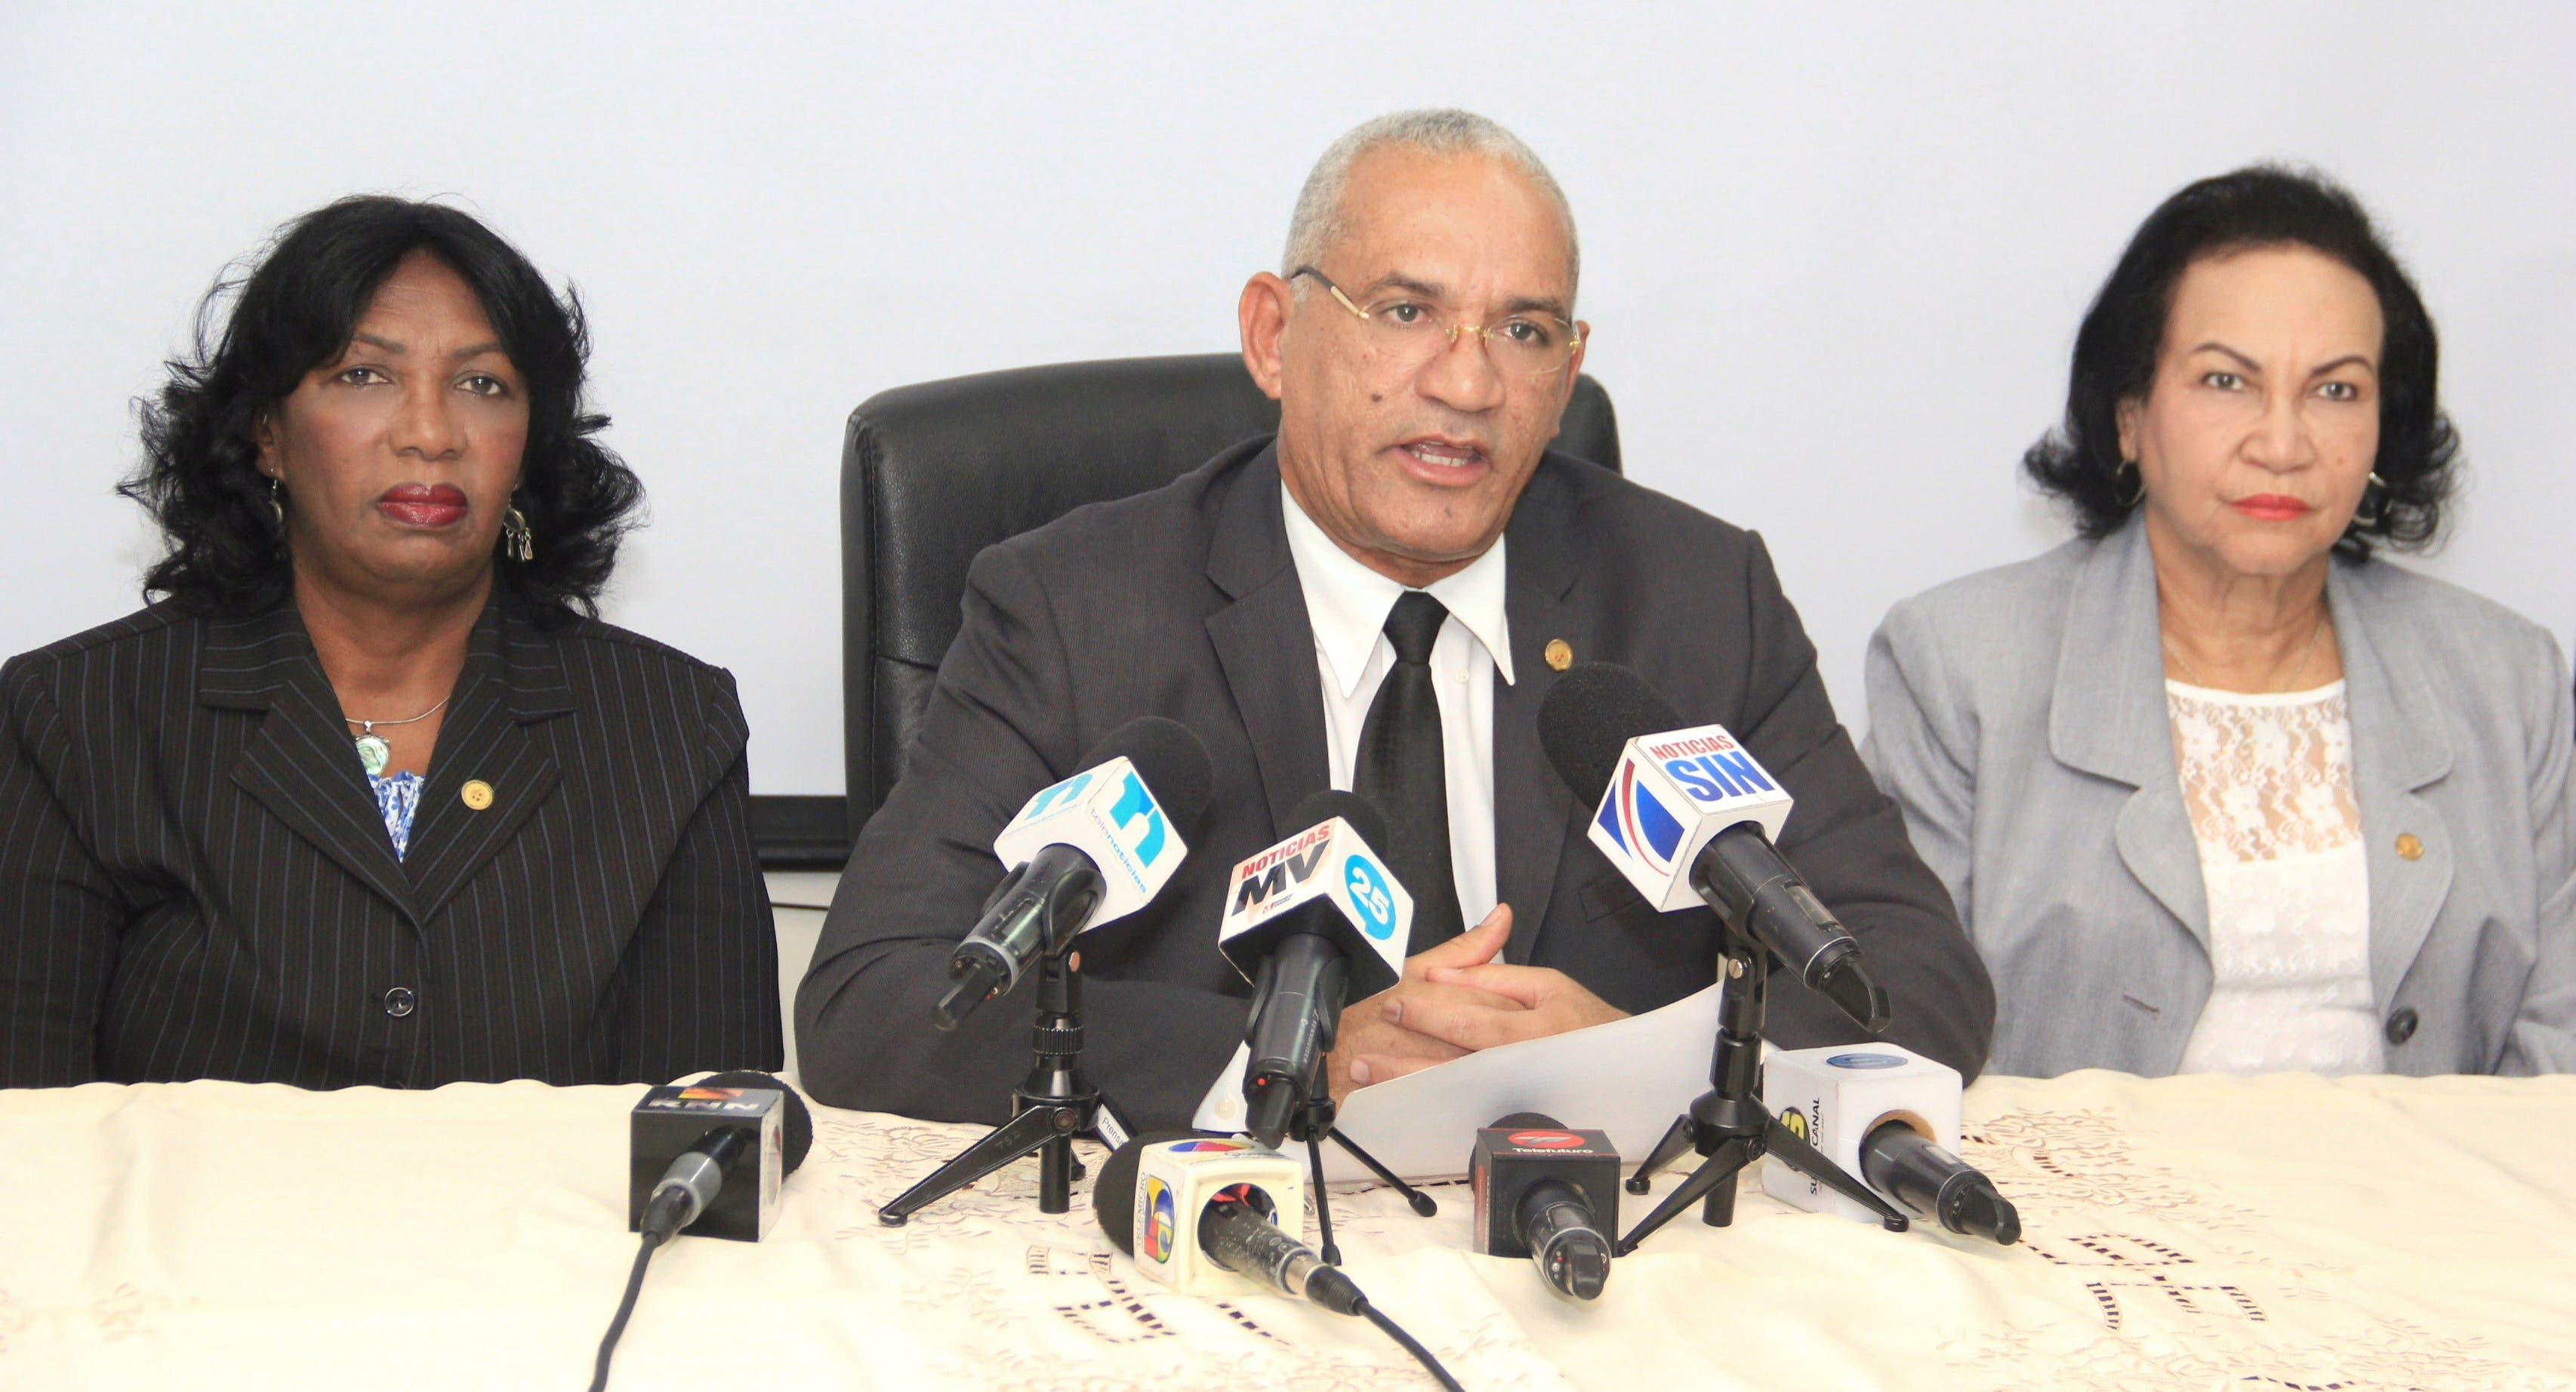 Colegio Notarios dice Suprema le quiere despojar de recursos junto a cabildos y otras instituciones